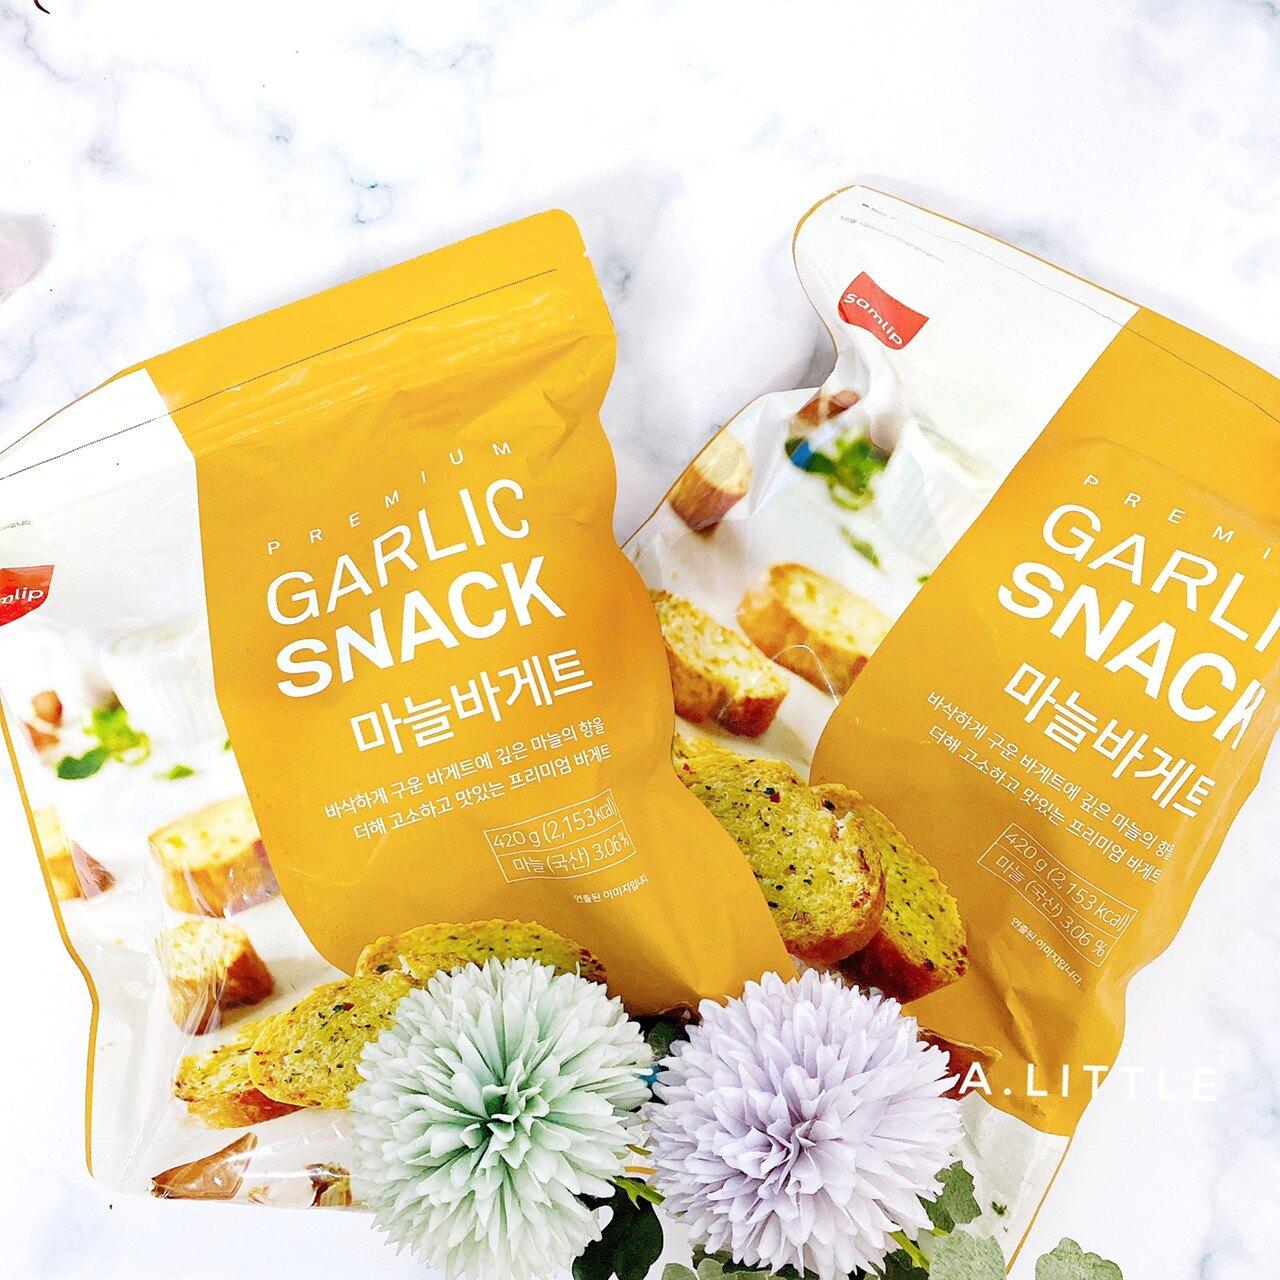 韓國 Samlip法式小麵包 蒜香 餅乾 (420g/袋)